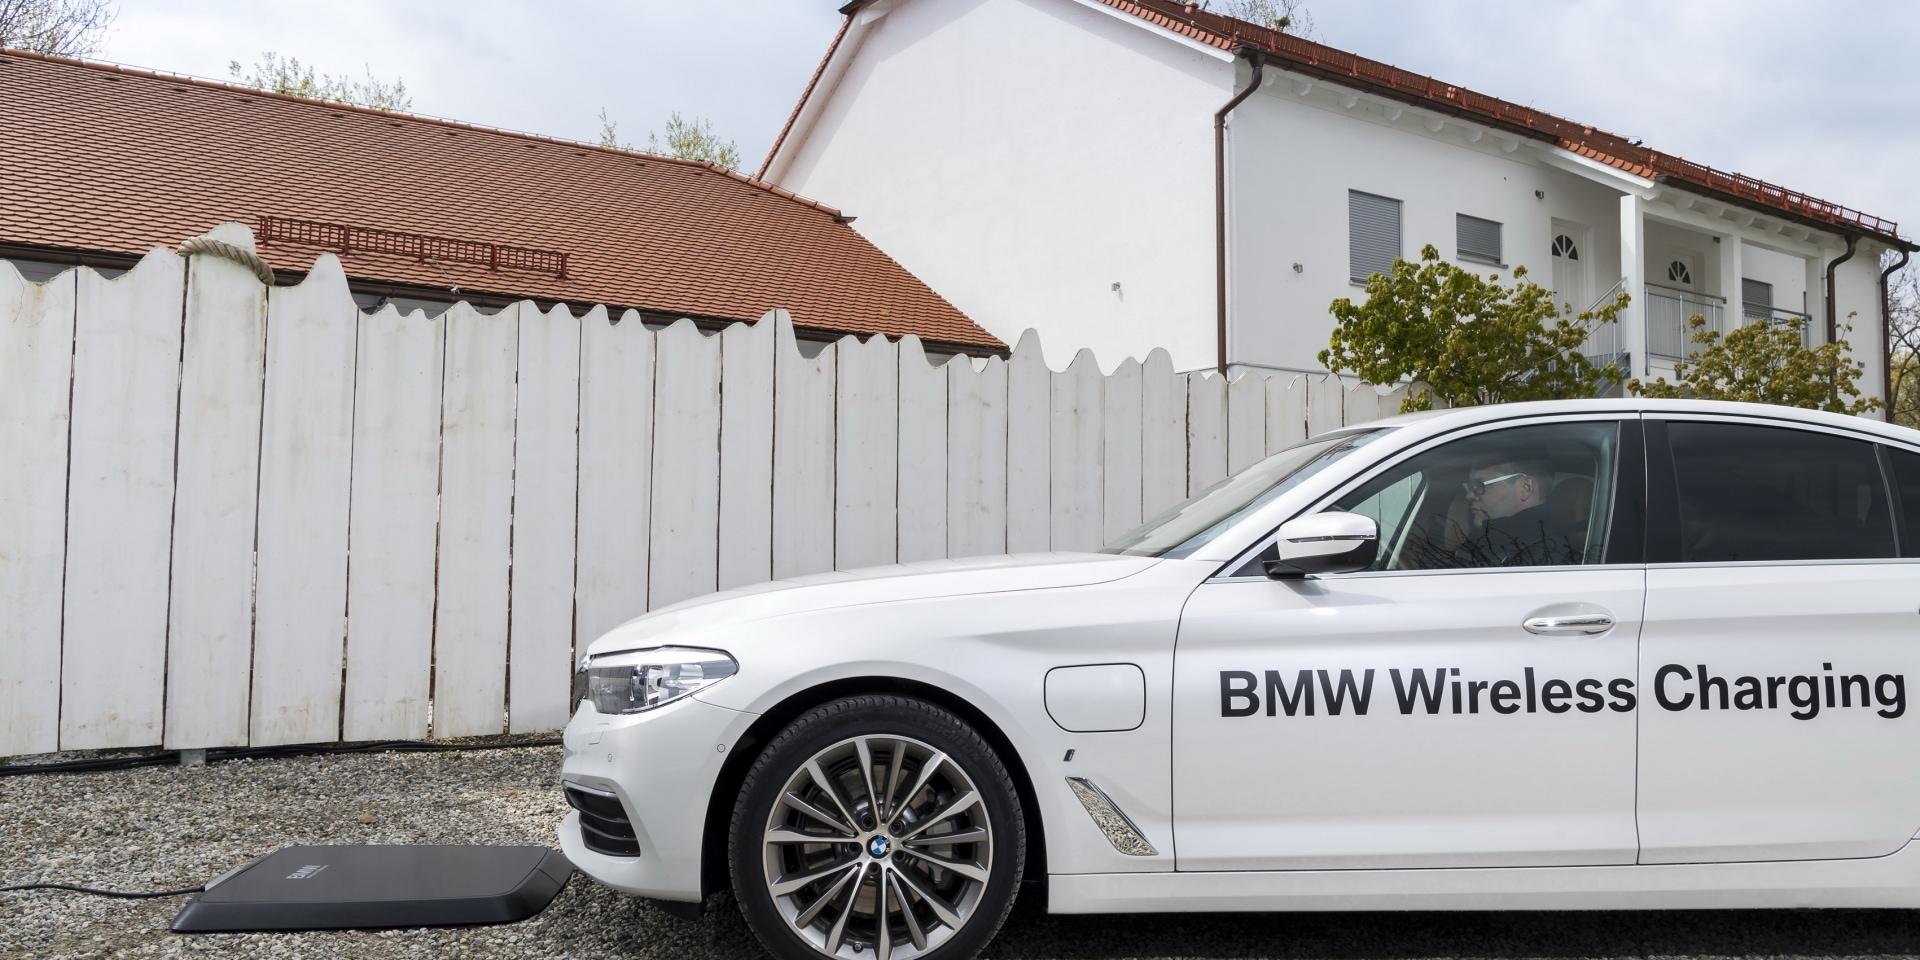 無線才方便! BMW宣布2018年將推無線充電技術